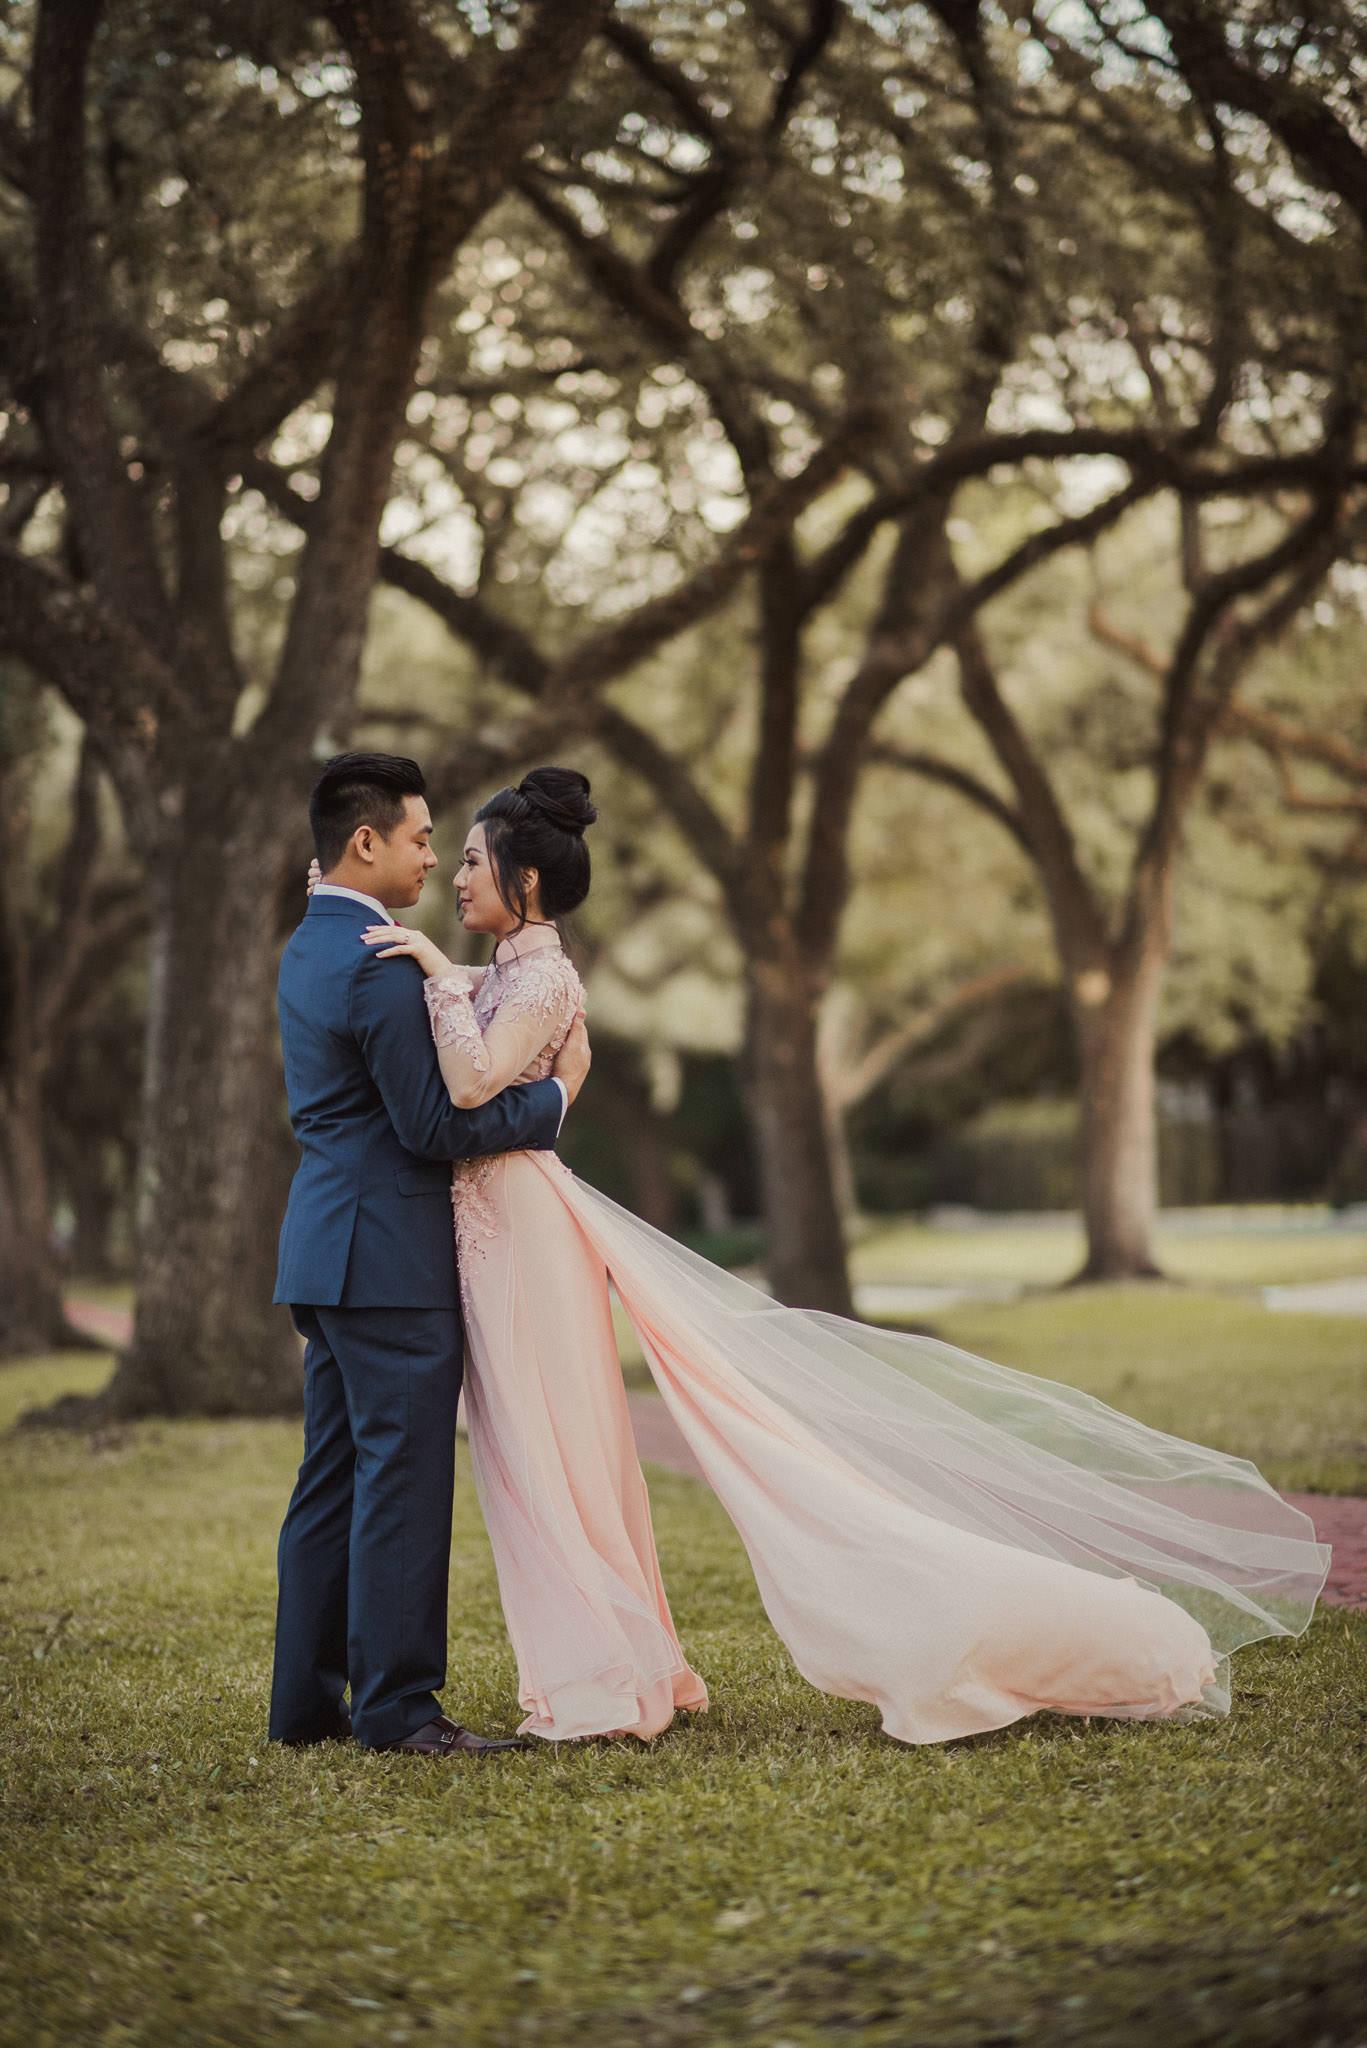 houston-vietnamese-tea-ceremony-photographer-engagement